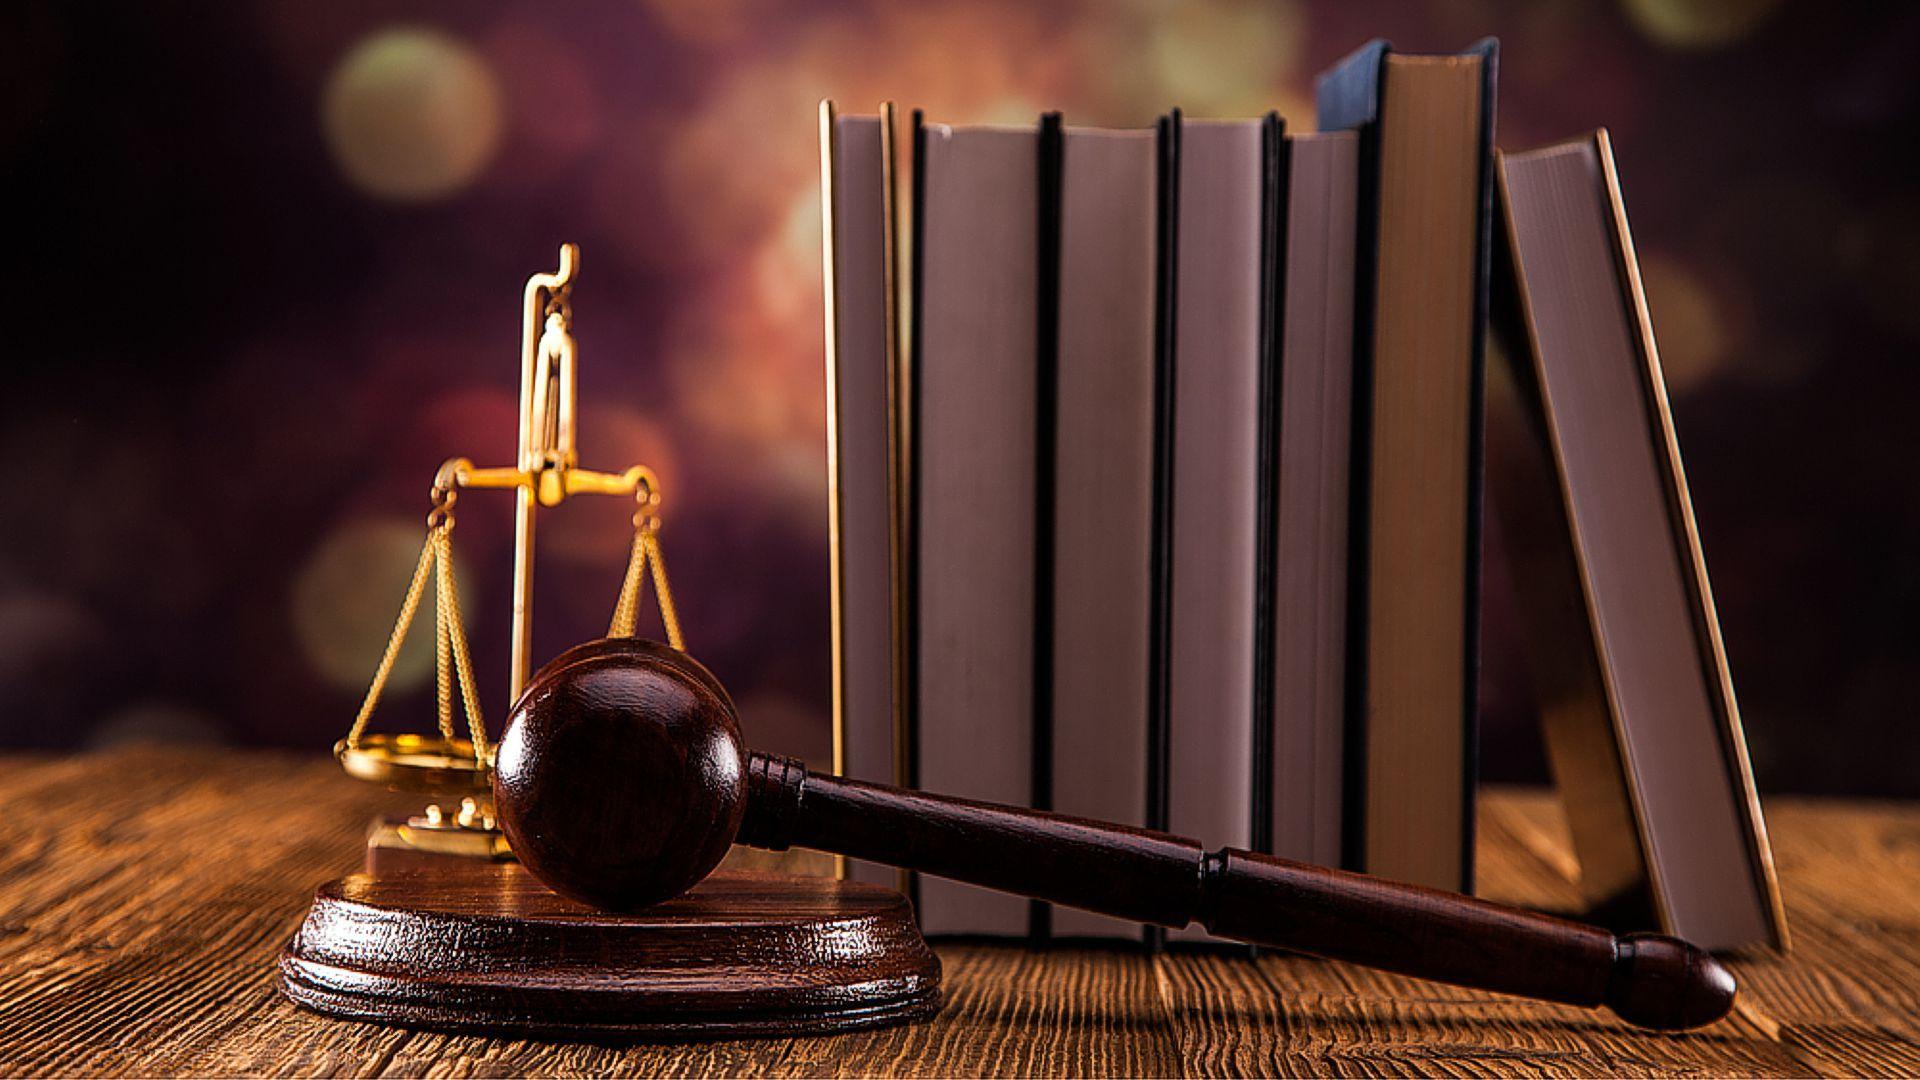 Teure Abmahnungen verhindern mit Hilfe rechtssicherer Websites